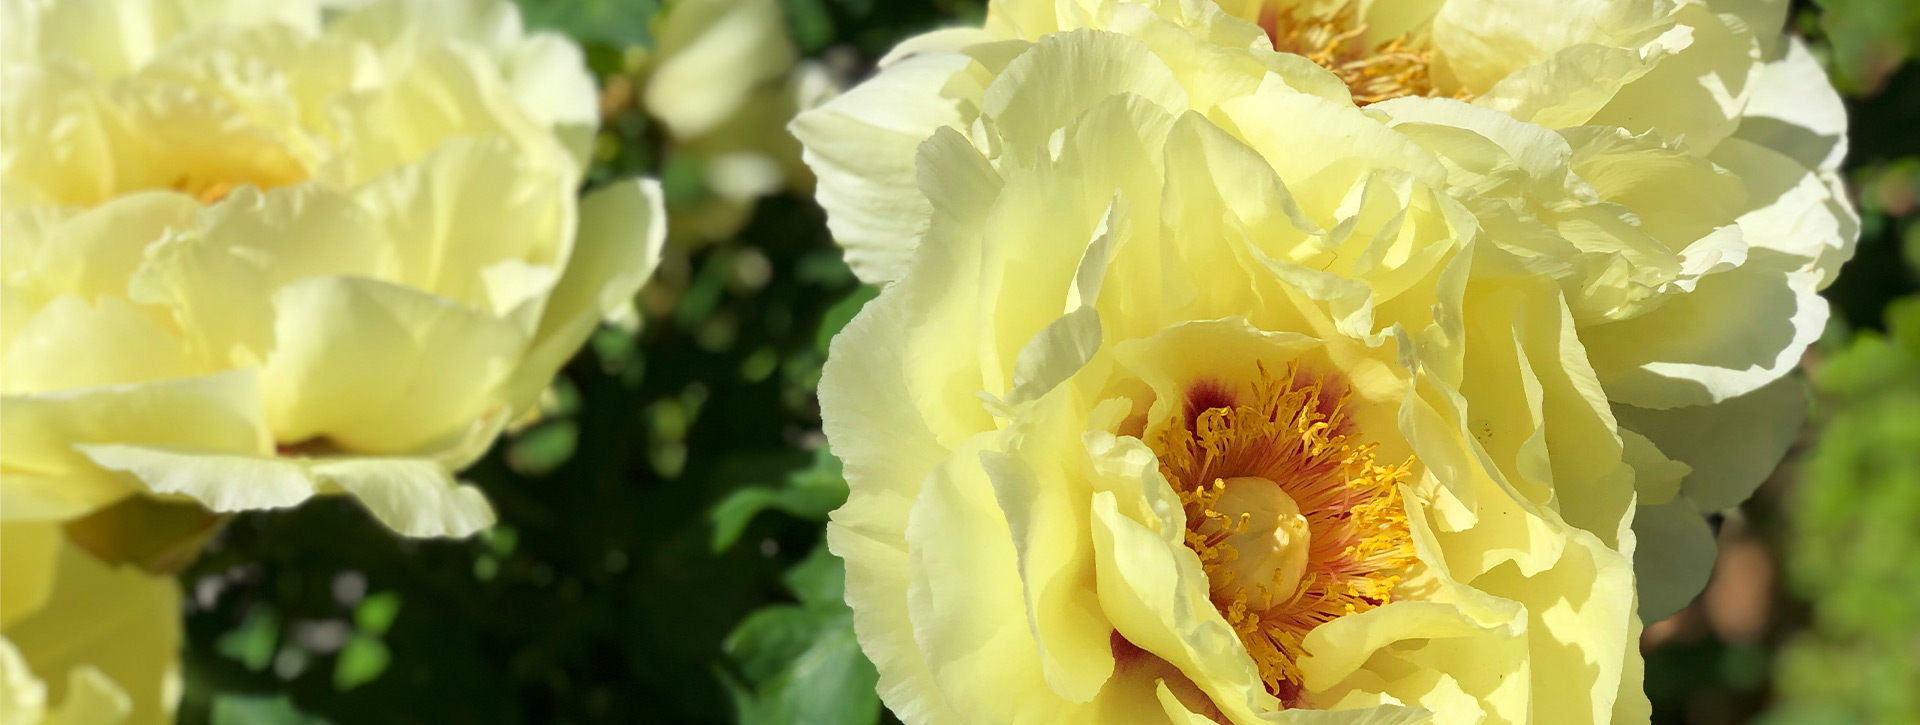 8 of Grandma's Best Garden Tips